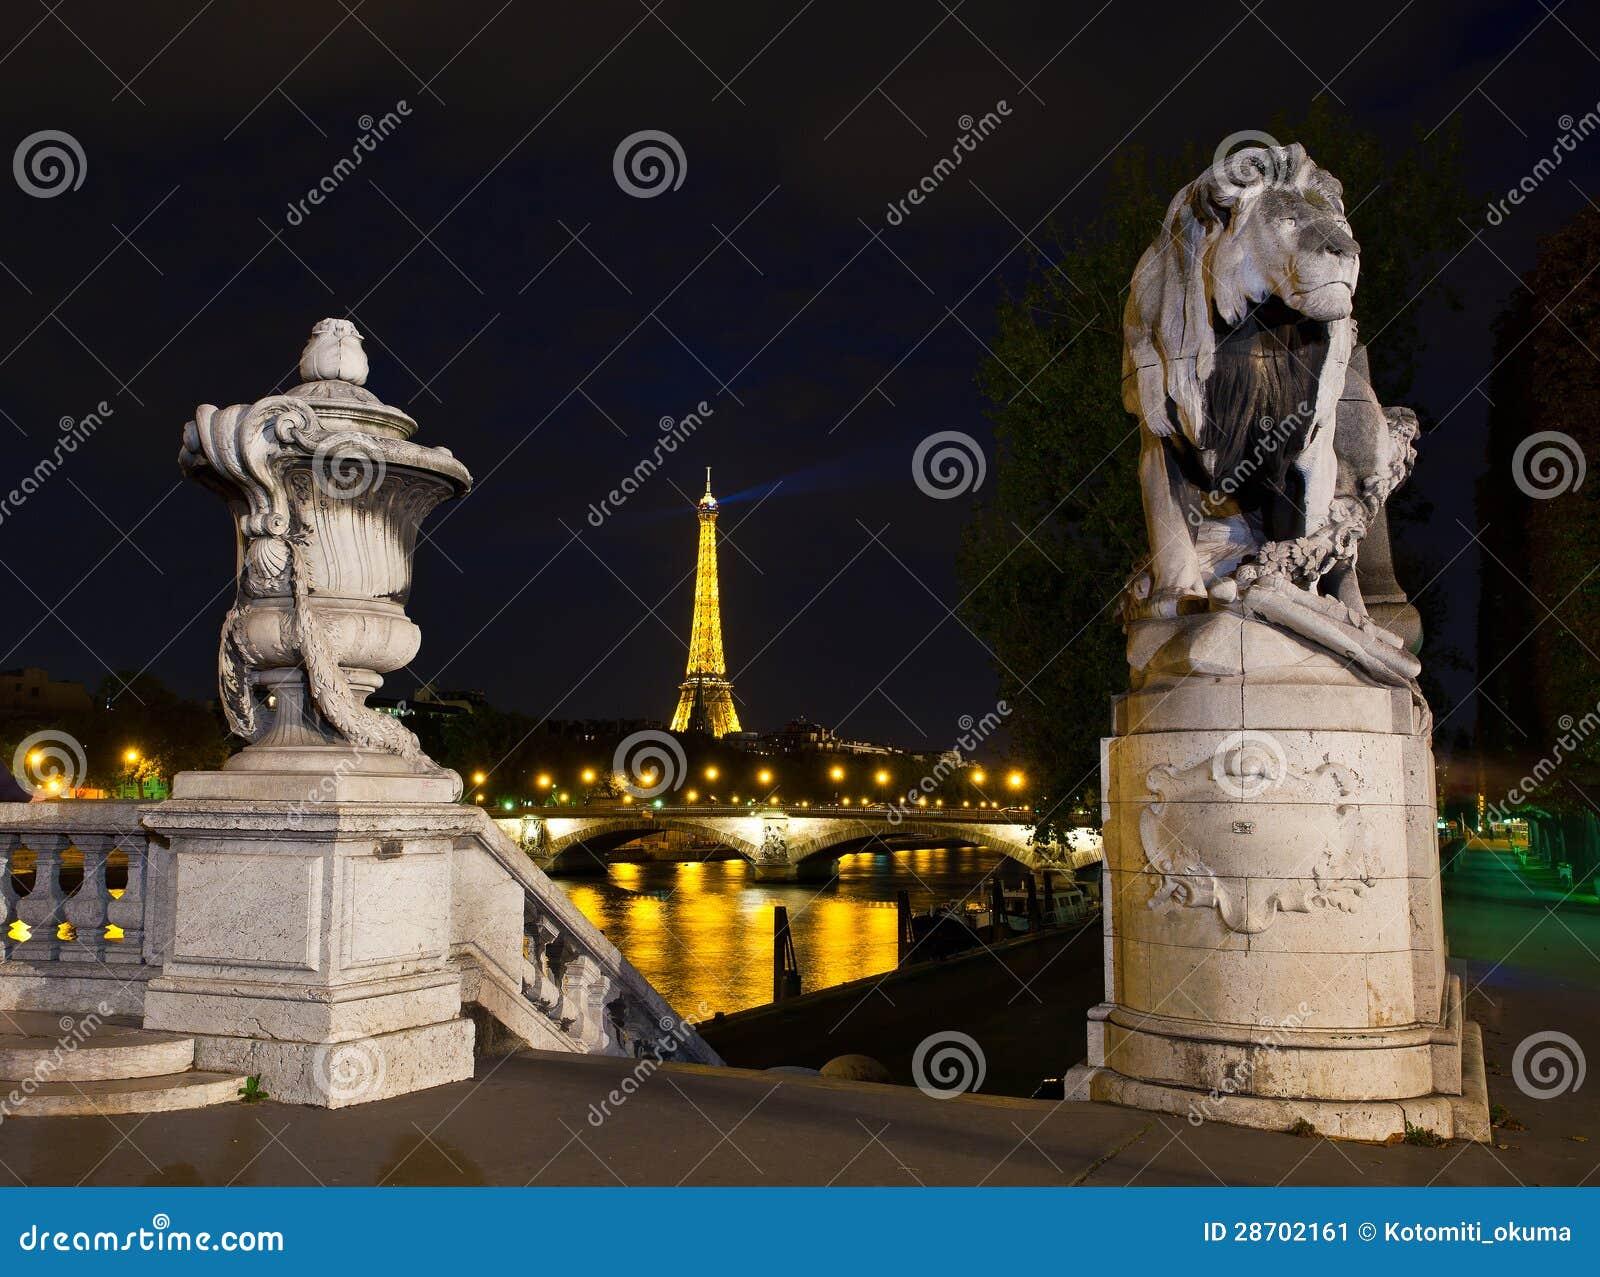 Night illumination on the bridge of Alexander III. Paris, France